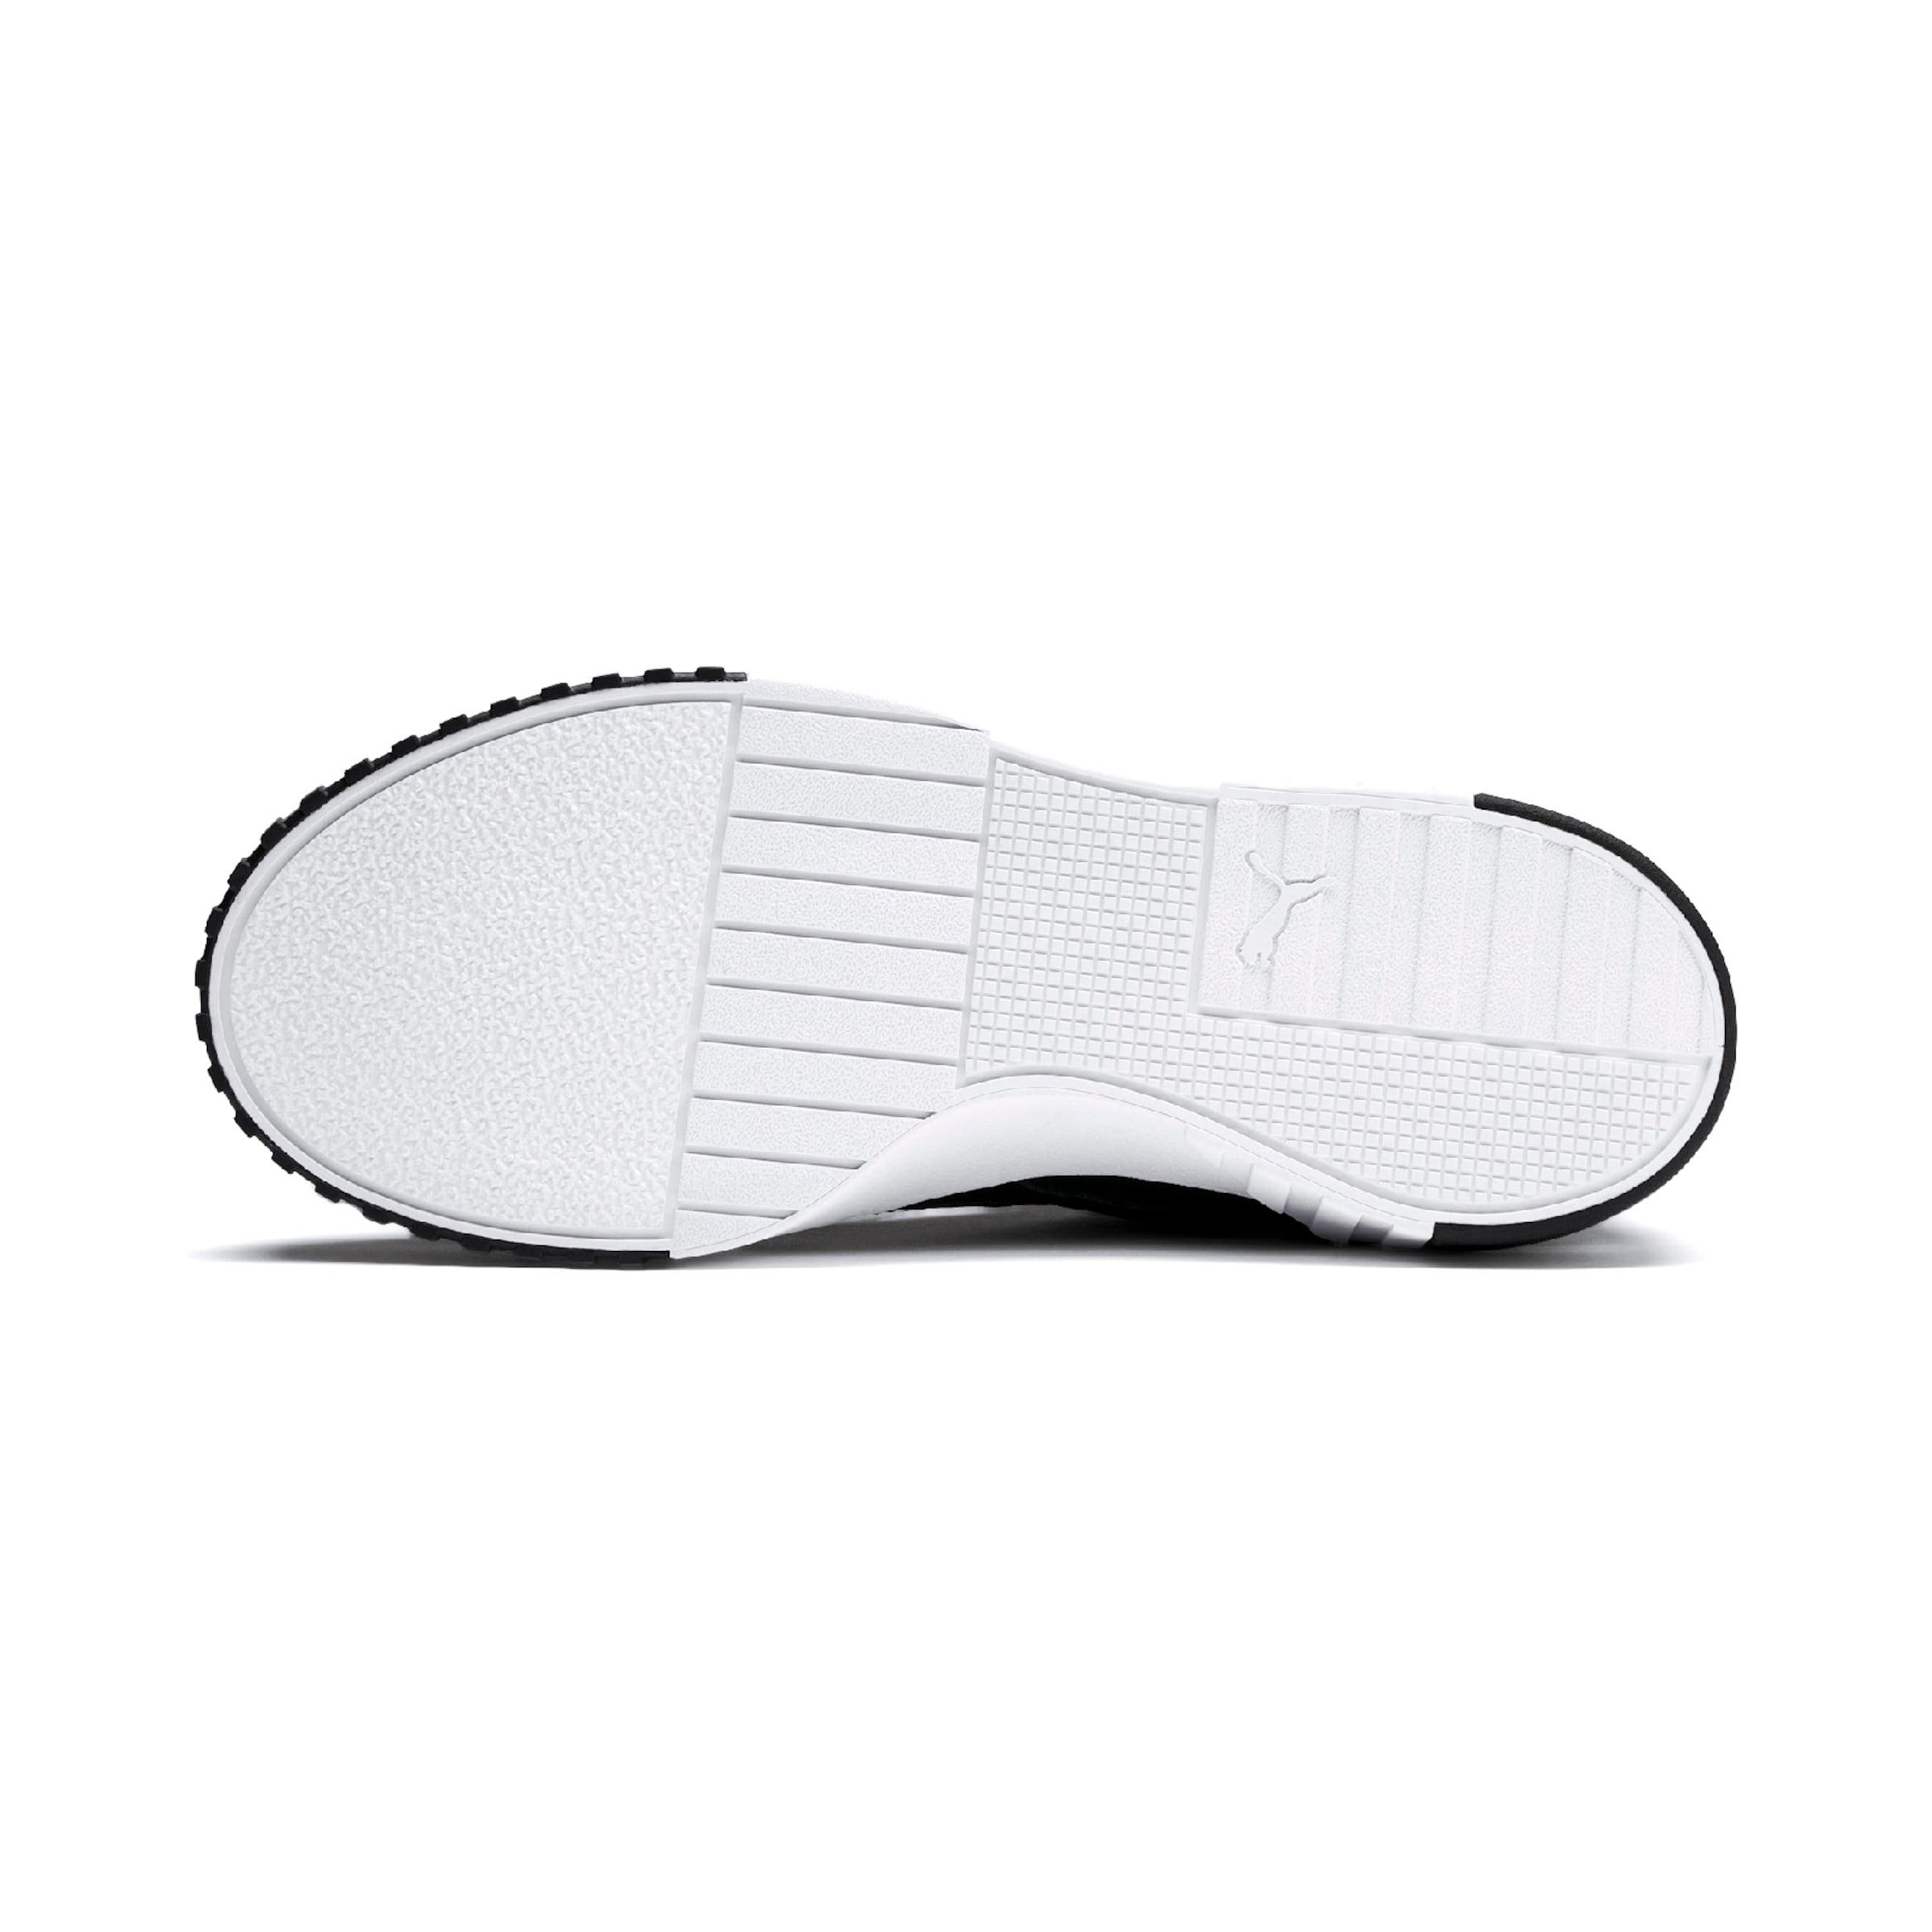 SchwarzWeiß Sneaker Puma Puma In 'cali' v7bgyfY6